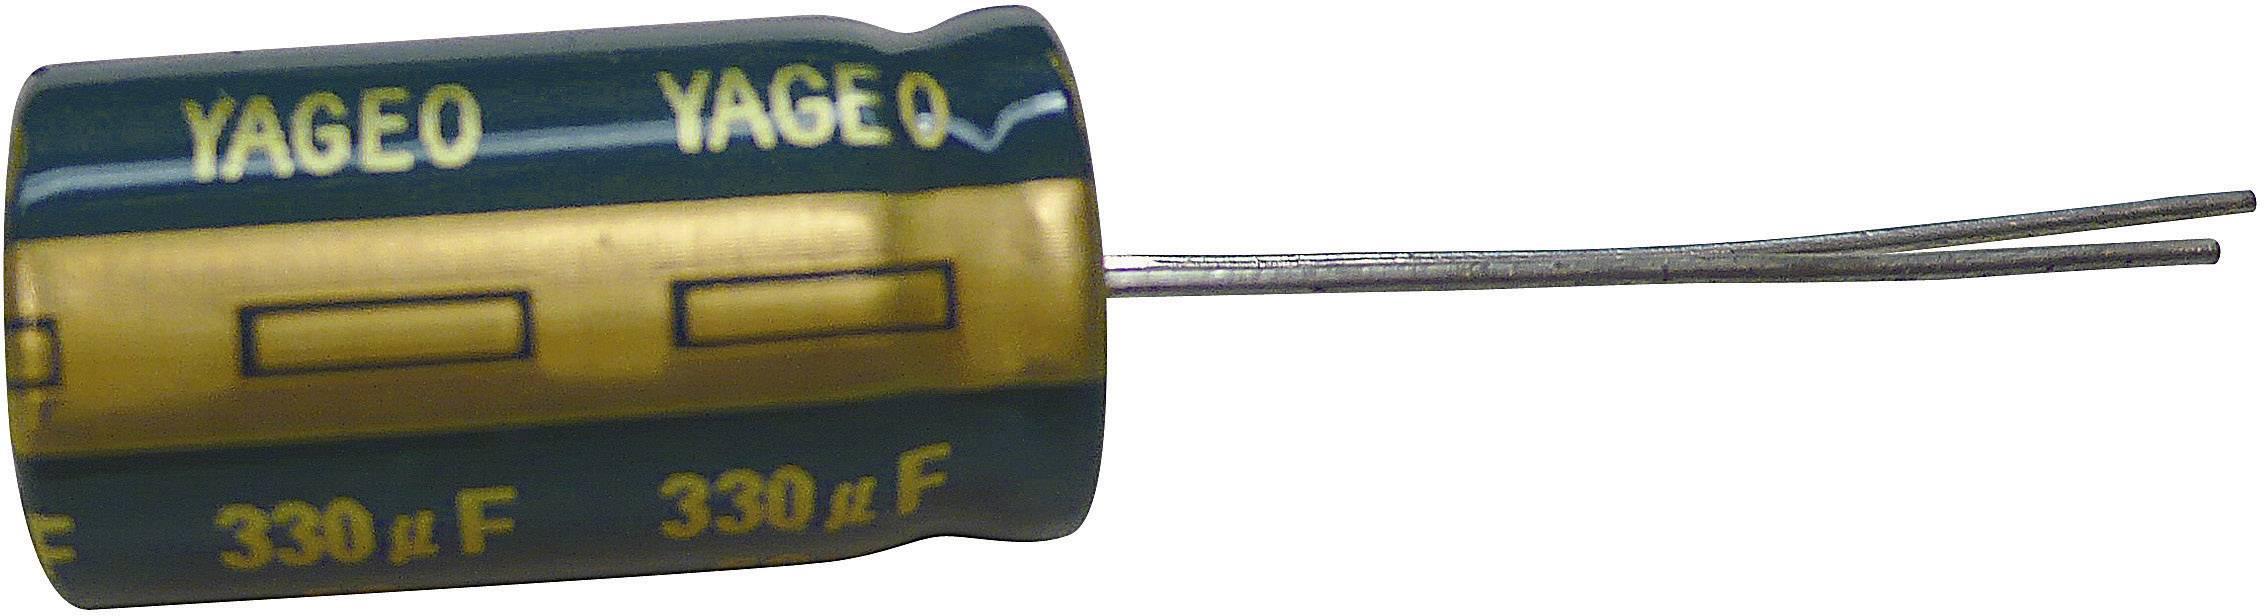 Kondenzátor elektrolytický Yageo SC016M0330B5F-1012, 330 mF, 16 V, 20 %, 12 x 10 mm